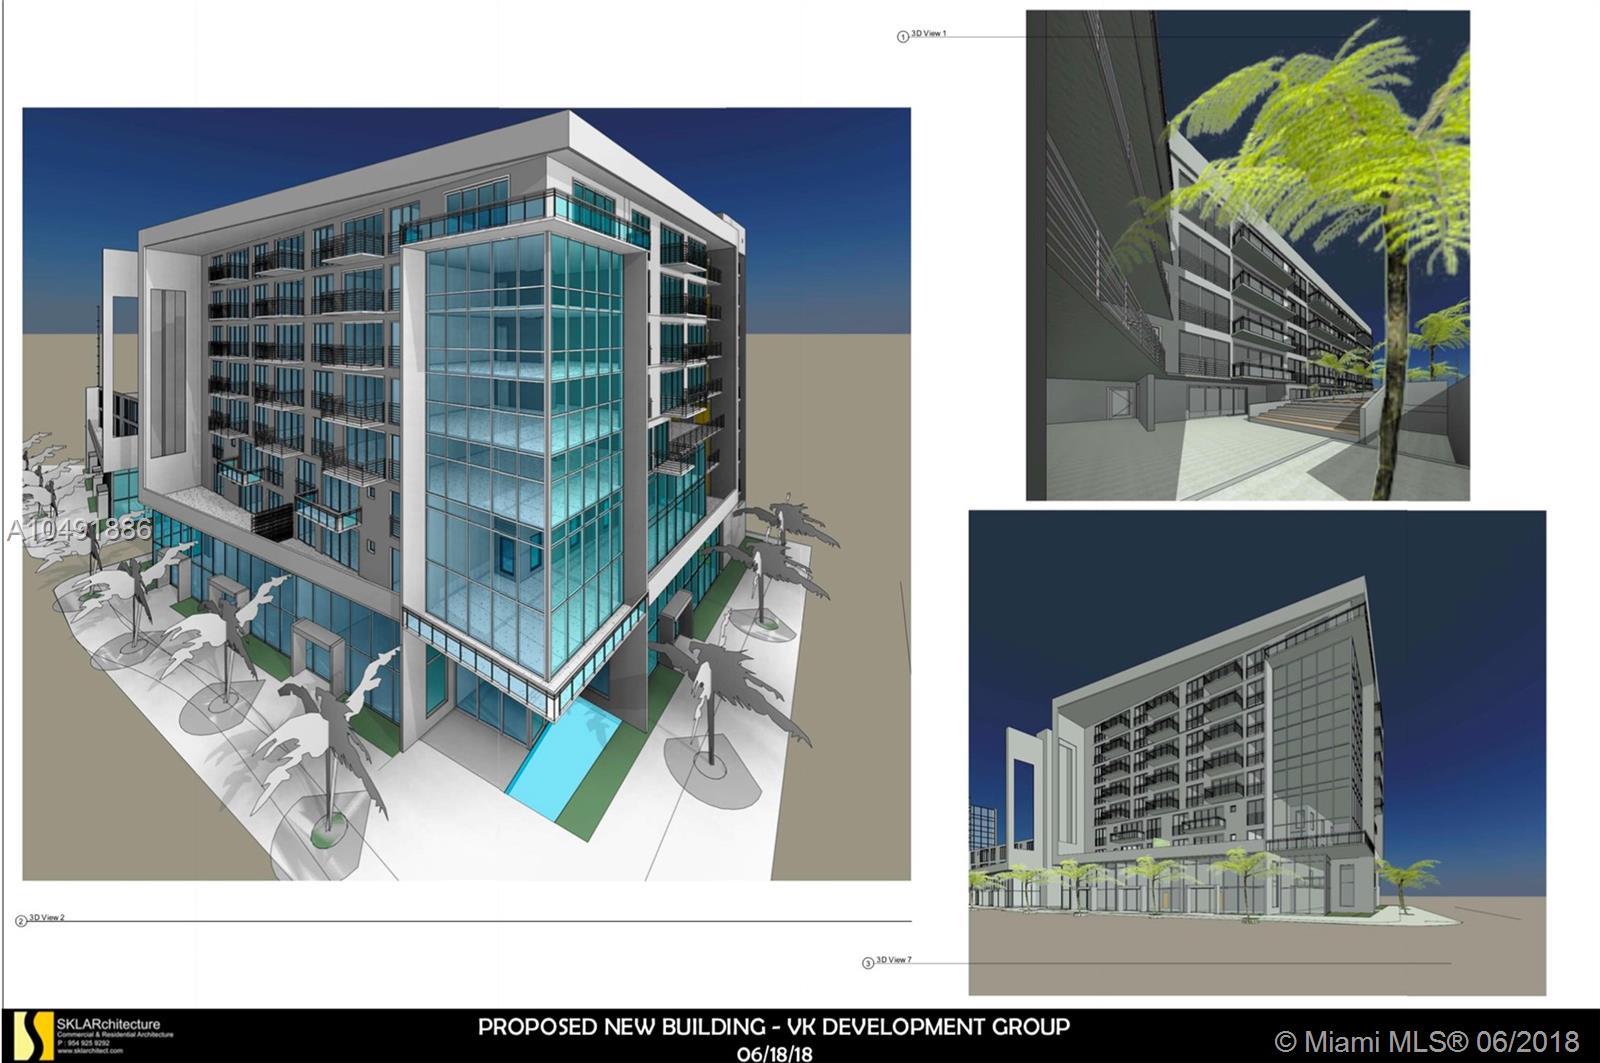 901 S Federal Hwy, Hollywood, FL 33020